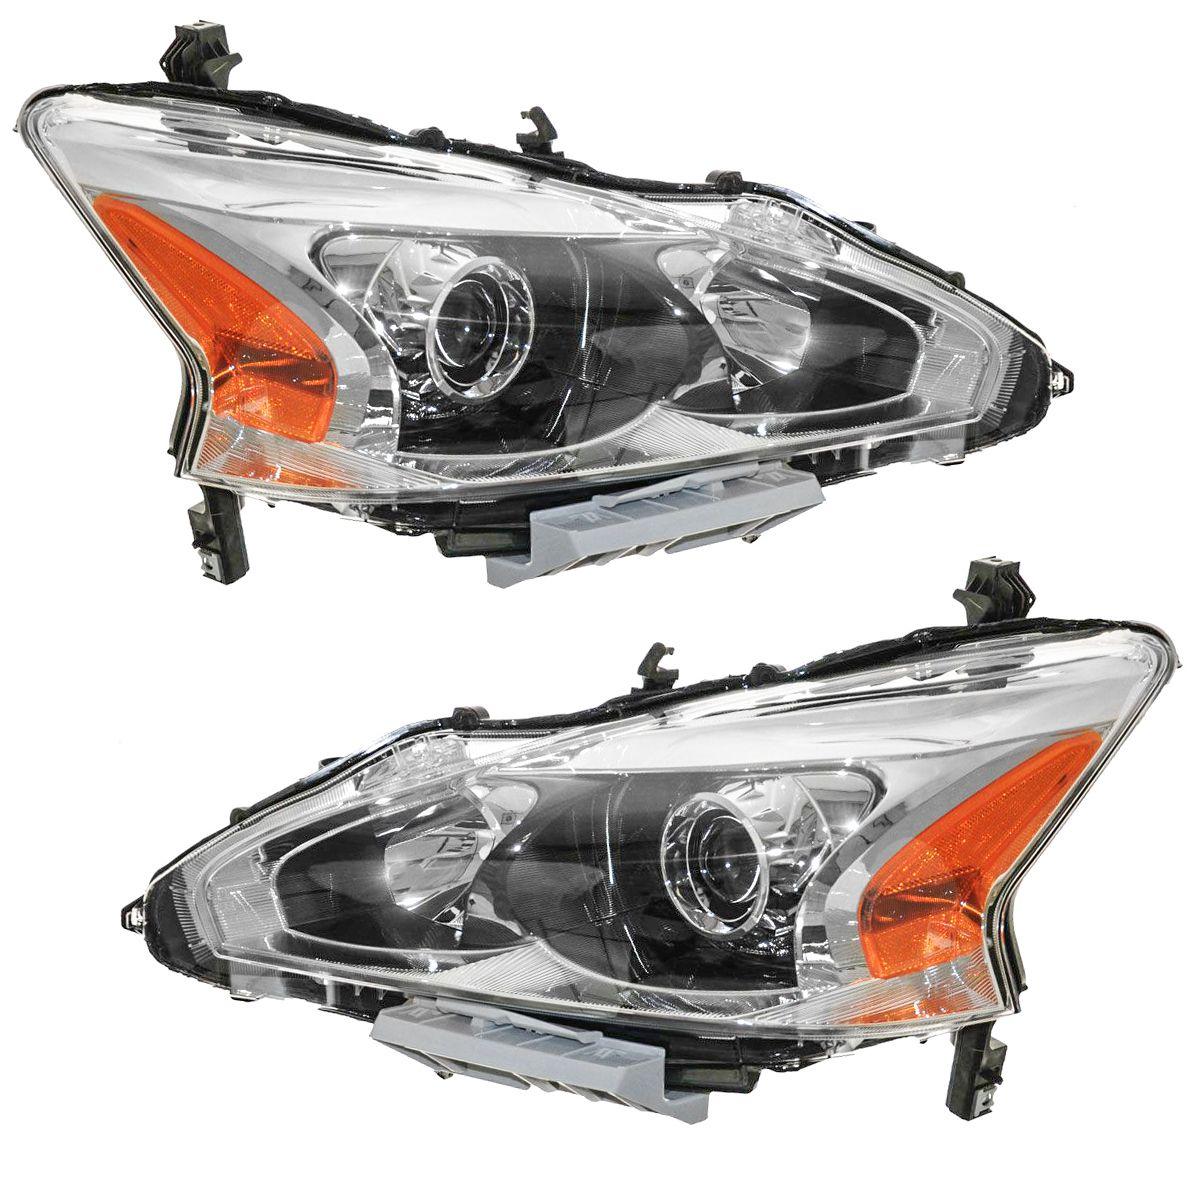 Headlight Head Lamp Halogen LH Left RH Right Pair for 13-15 Nissan Altima Sedan